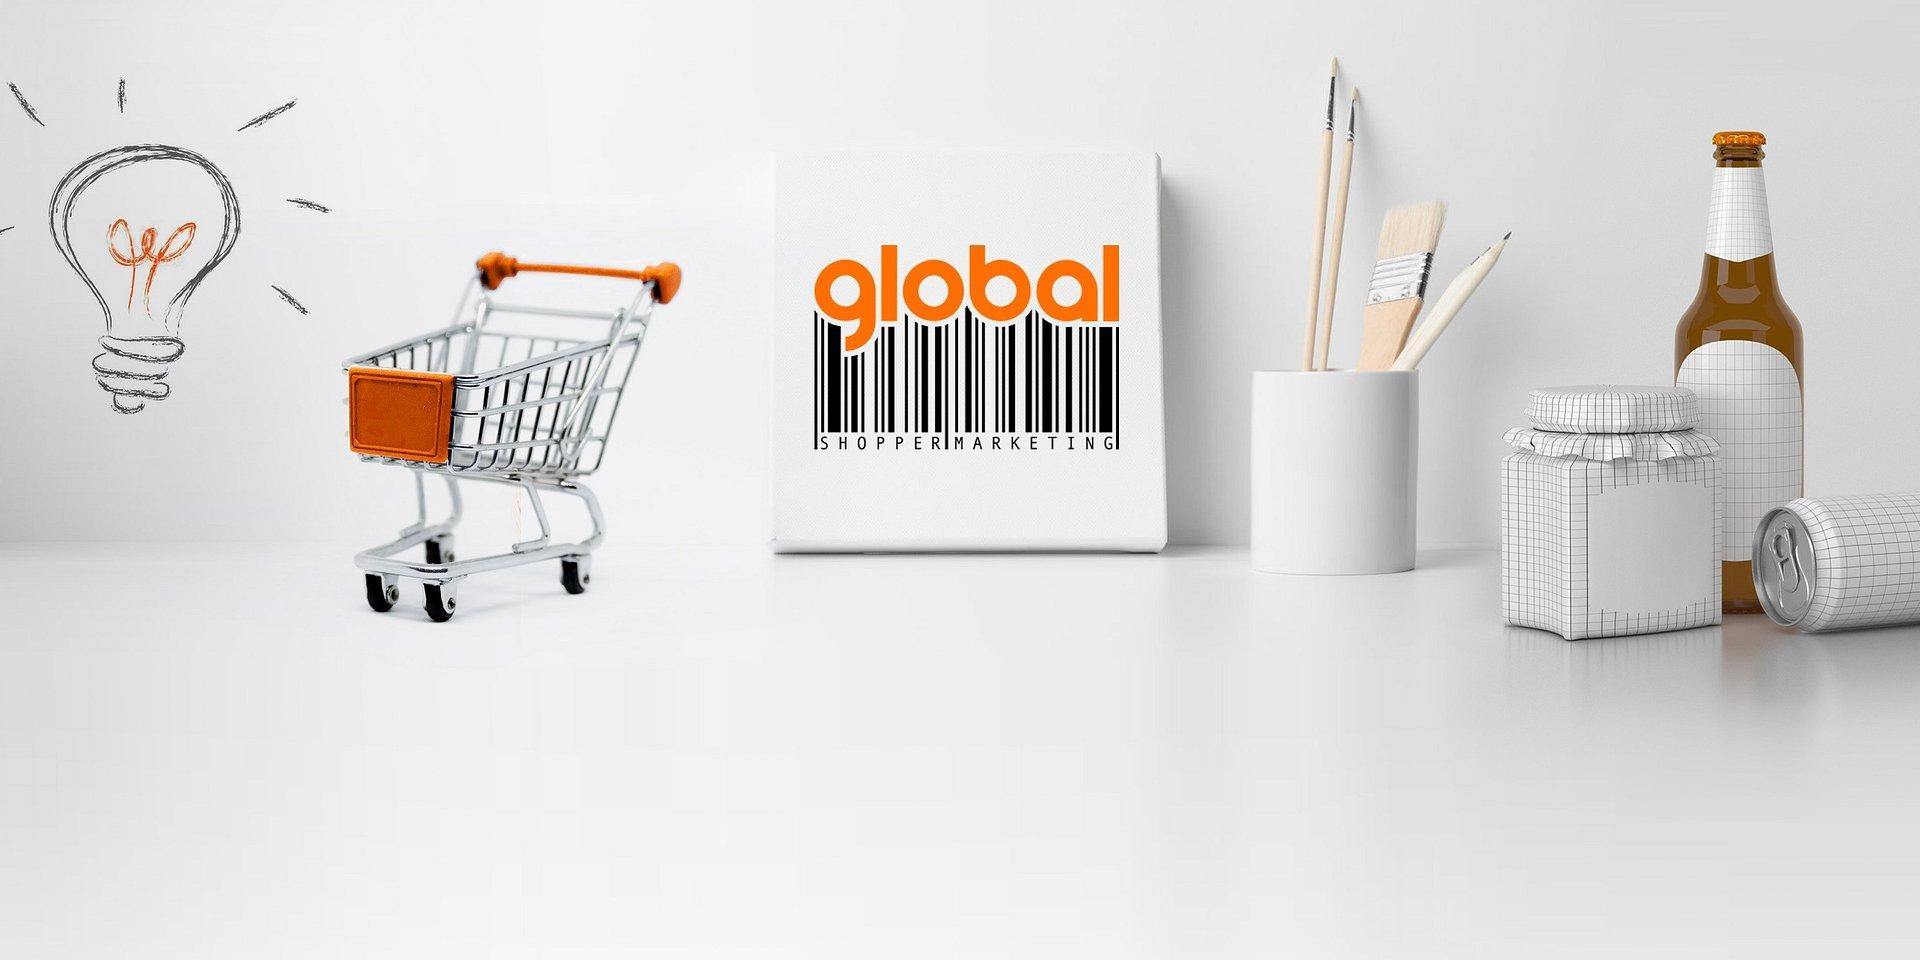 Global Shopper Marketing rozpoczyna komunikacyjną podróż z Triple PR